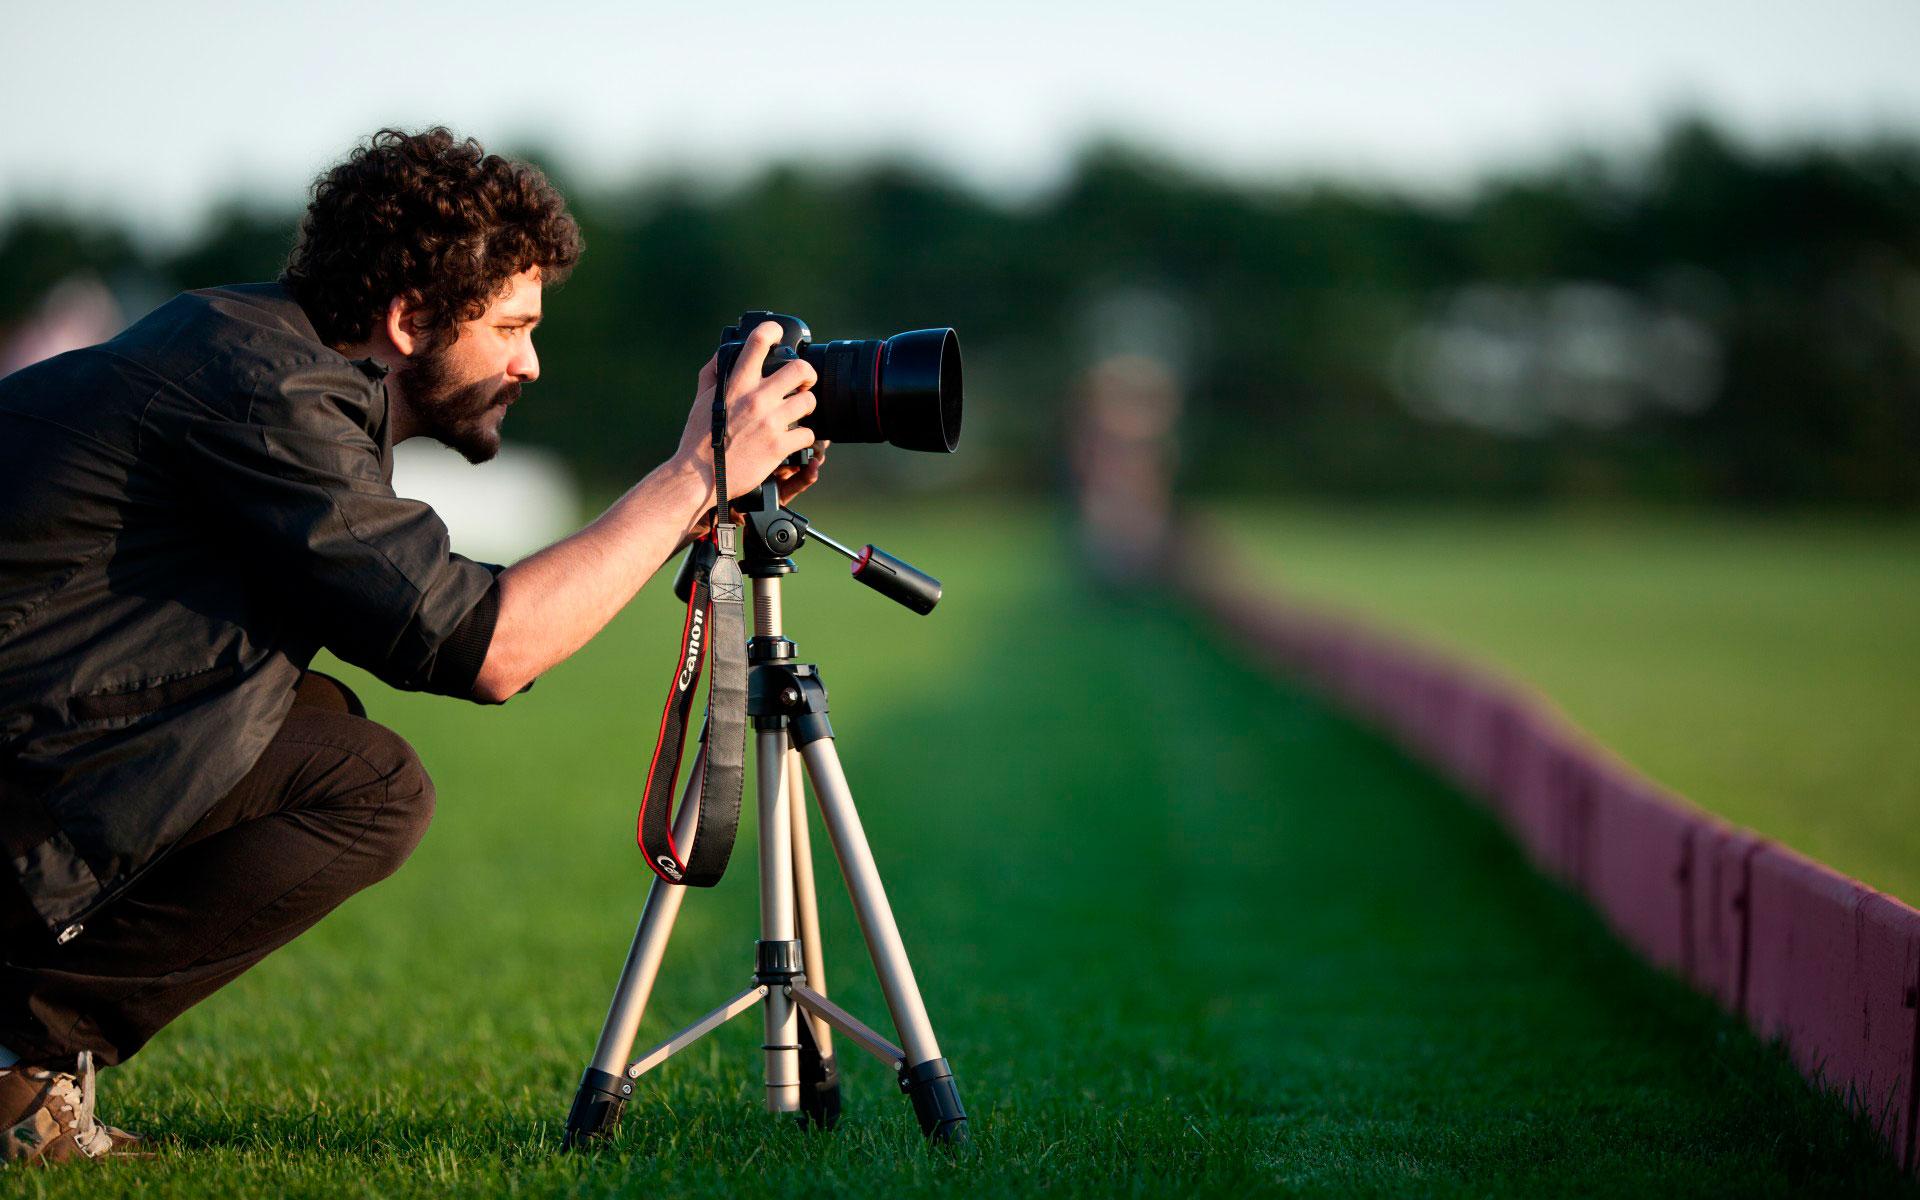 обрезать фотография профессиональная смотреть компании, ответственной